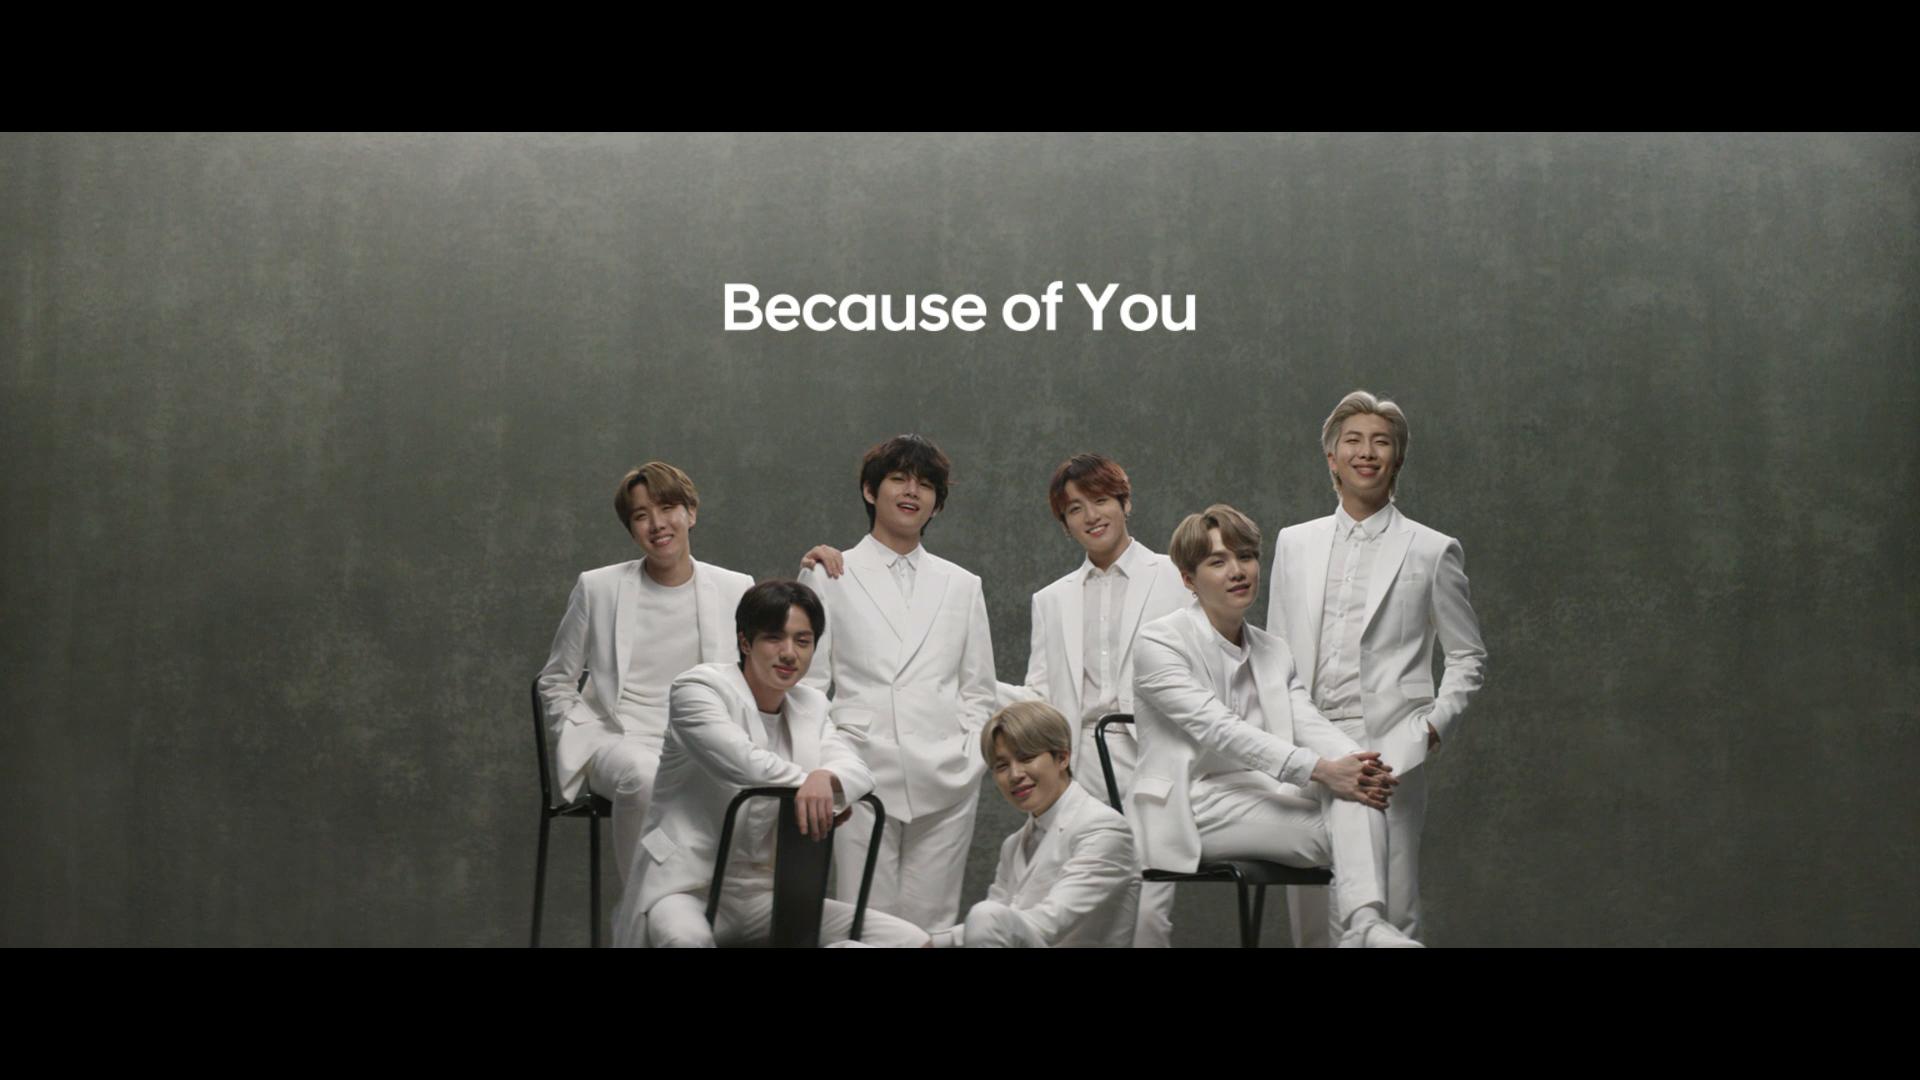 Hyundai Motor Company отмечает День Земли новым фильмом в рамках своей Глобальной Водородной Кампании с легендарной группой BTS.